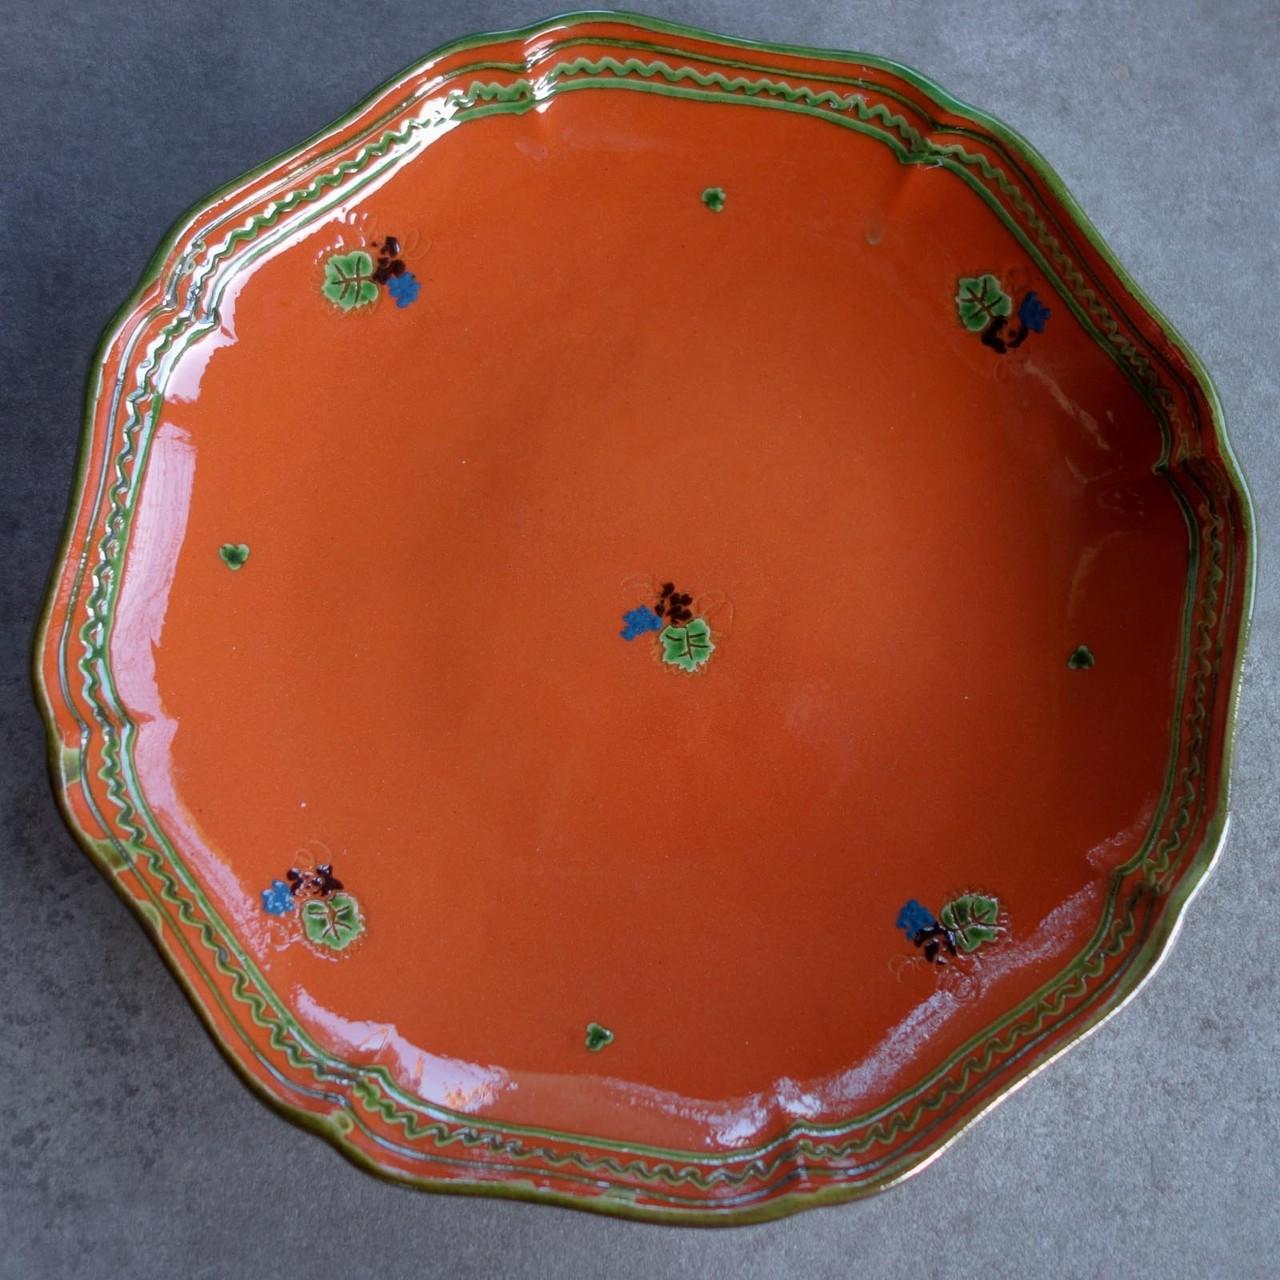 Les assiettes (gamme classique rouge)